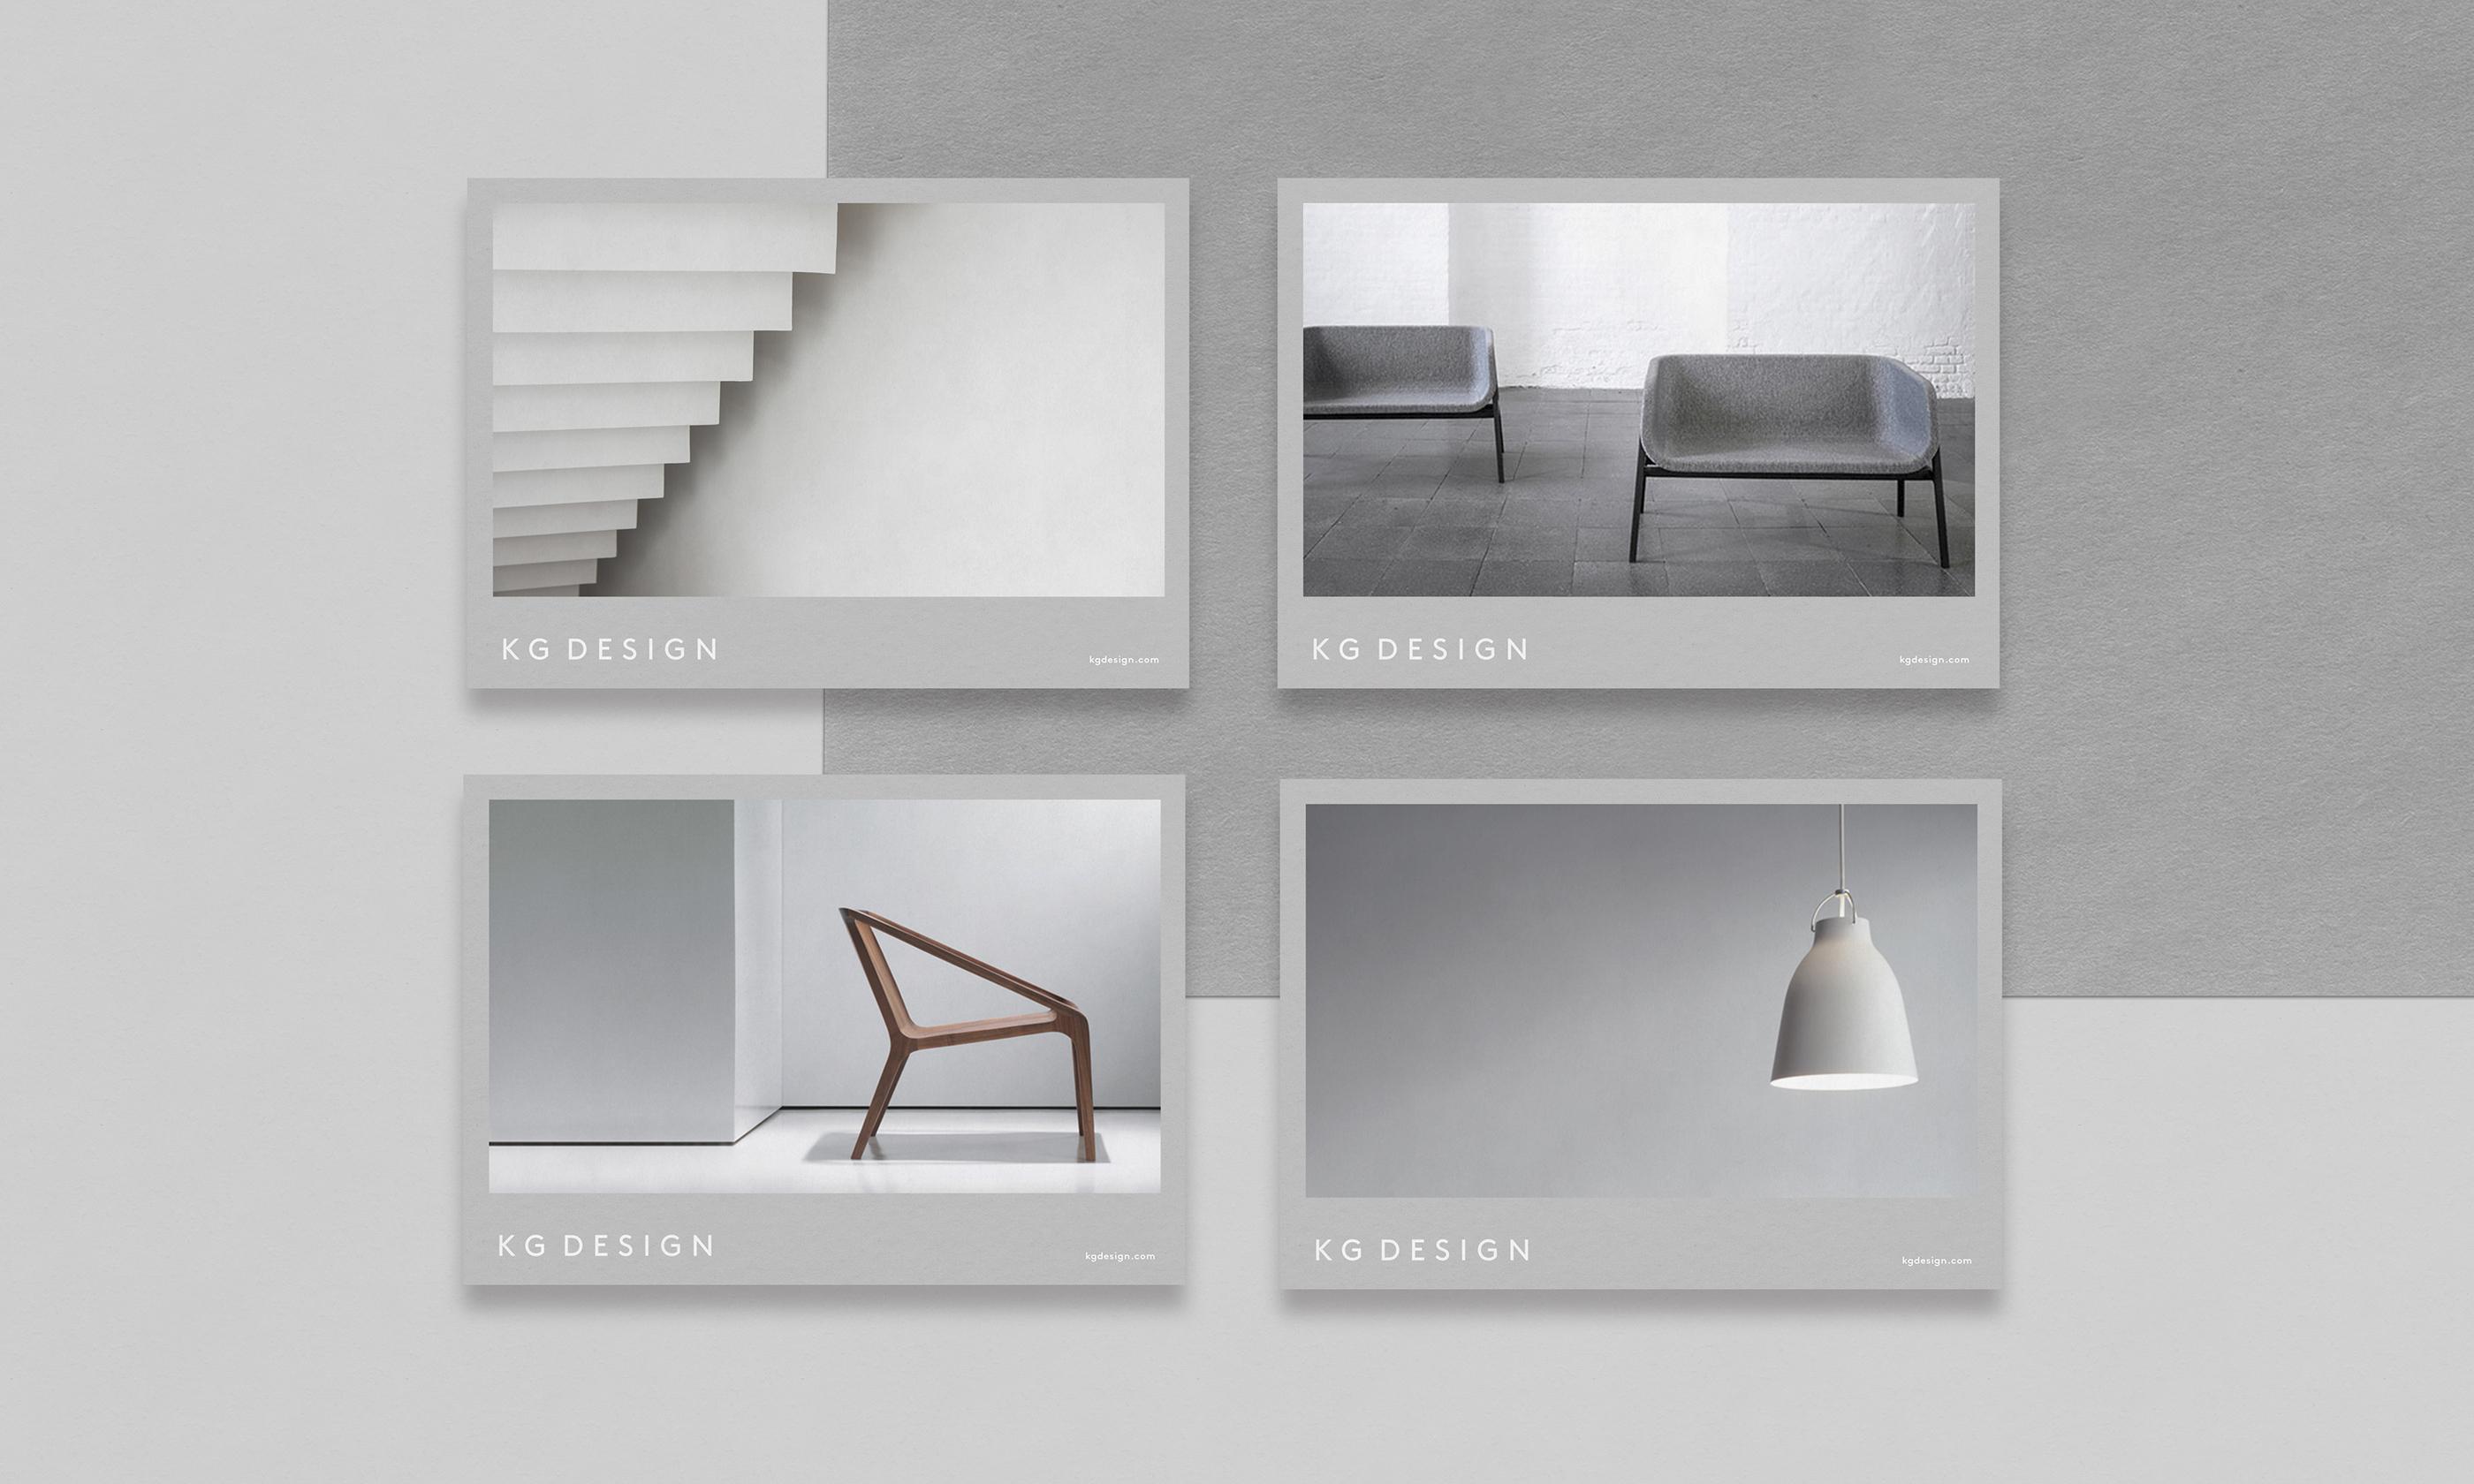 KG Design by Sonia Castillo Studio - Creative Work - $i